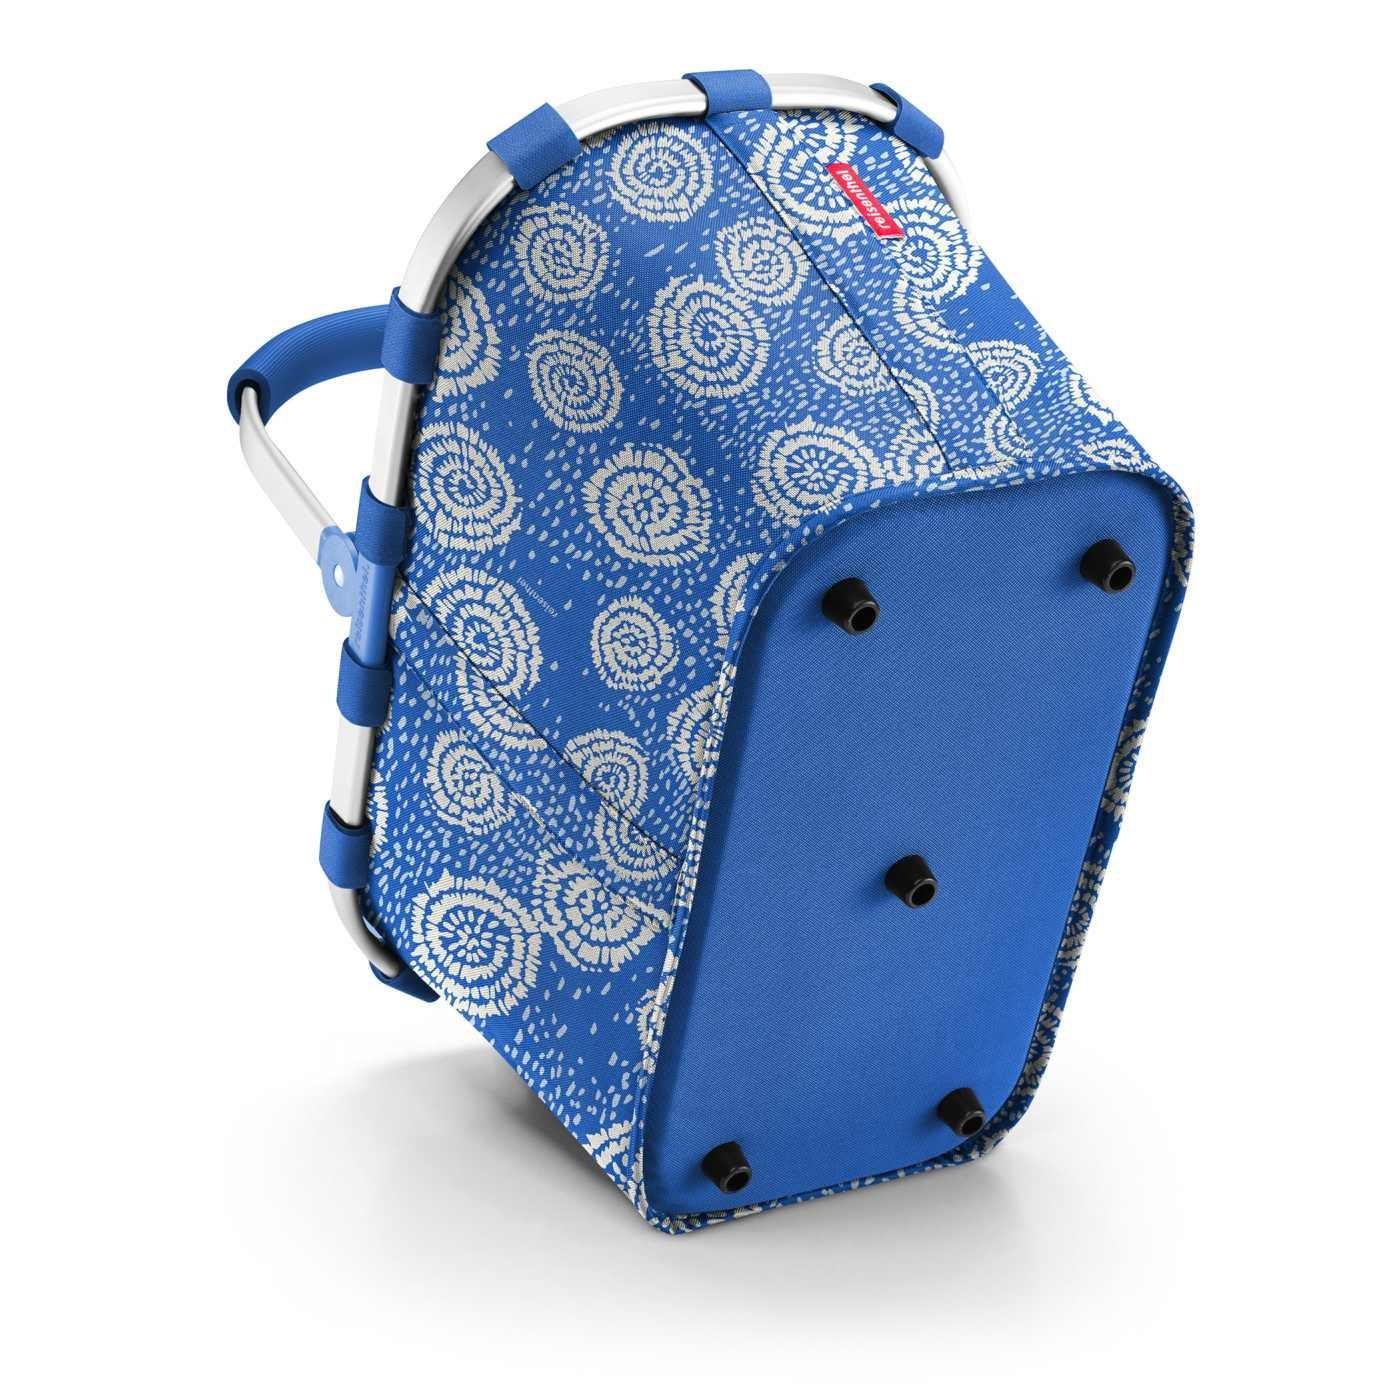 Nákupní košík Carrybag batik strong blue_1